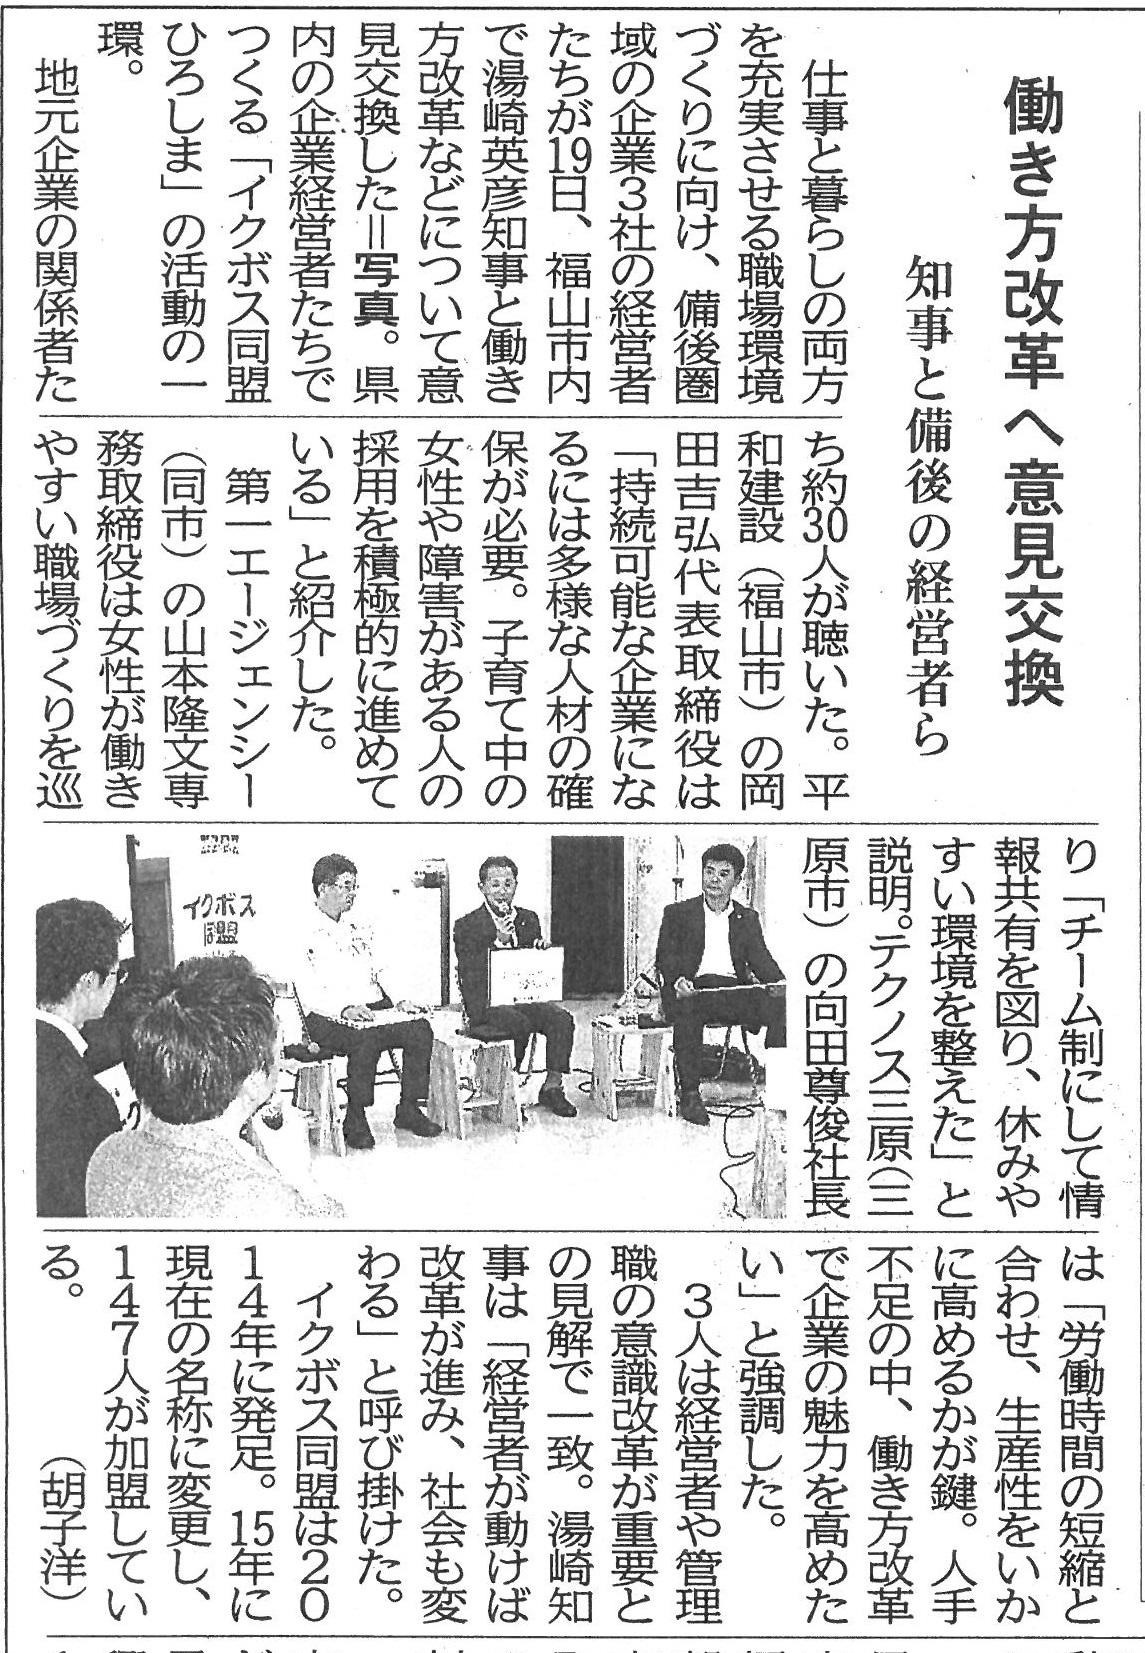 10月20日(土)中国新聞切り抜き